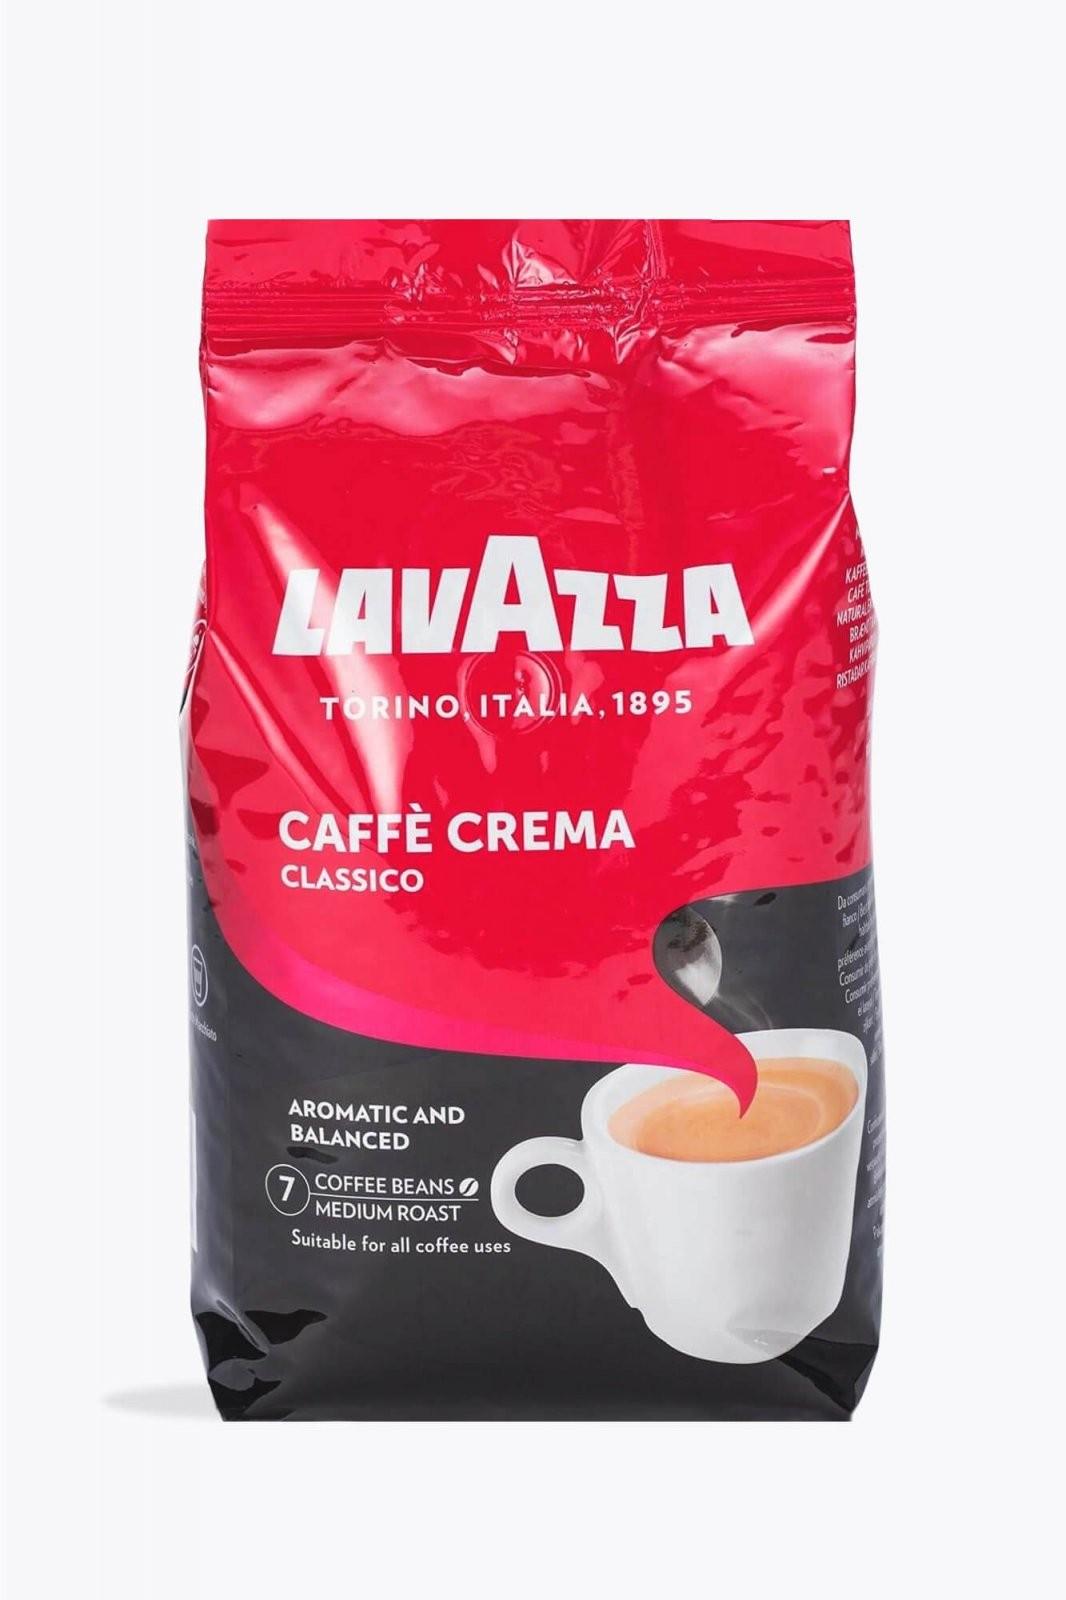 Lavazza Caffè Crema Classico 1Kg Online Kaufen  Roastmarket von Lavazza Crema Classico Angebot Bild